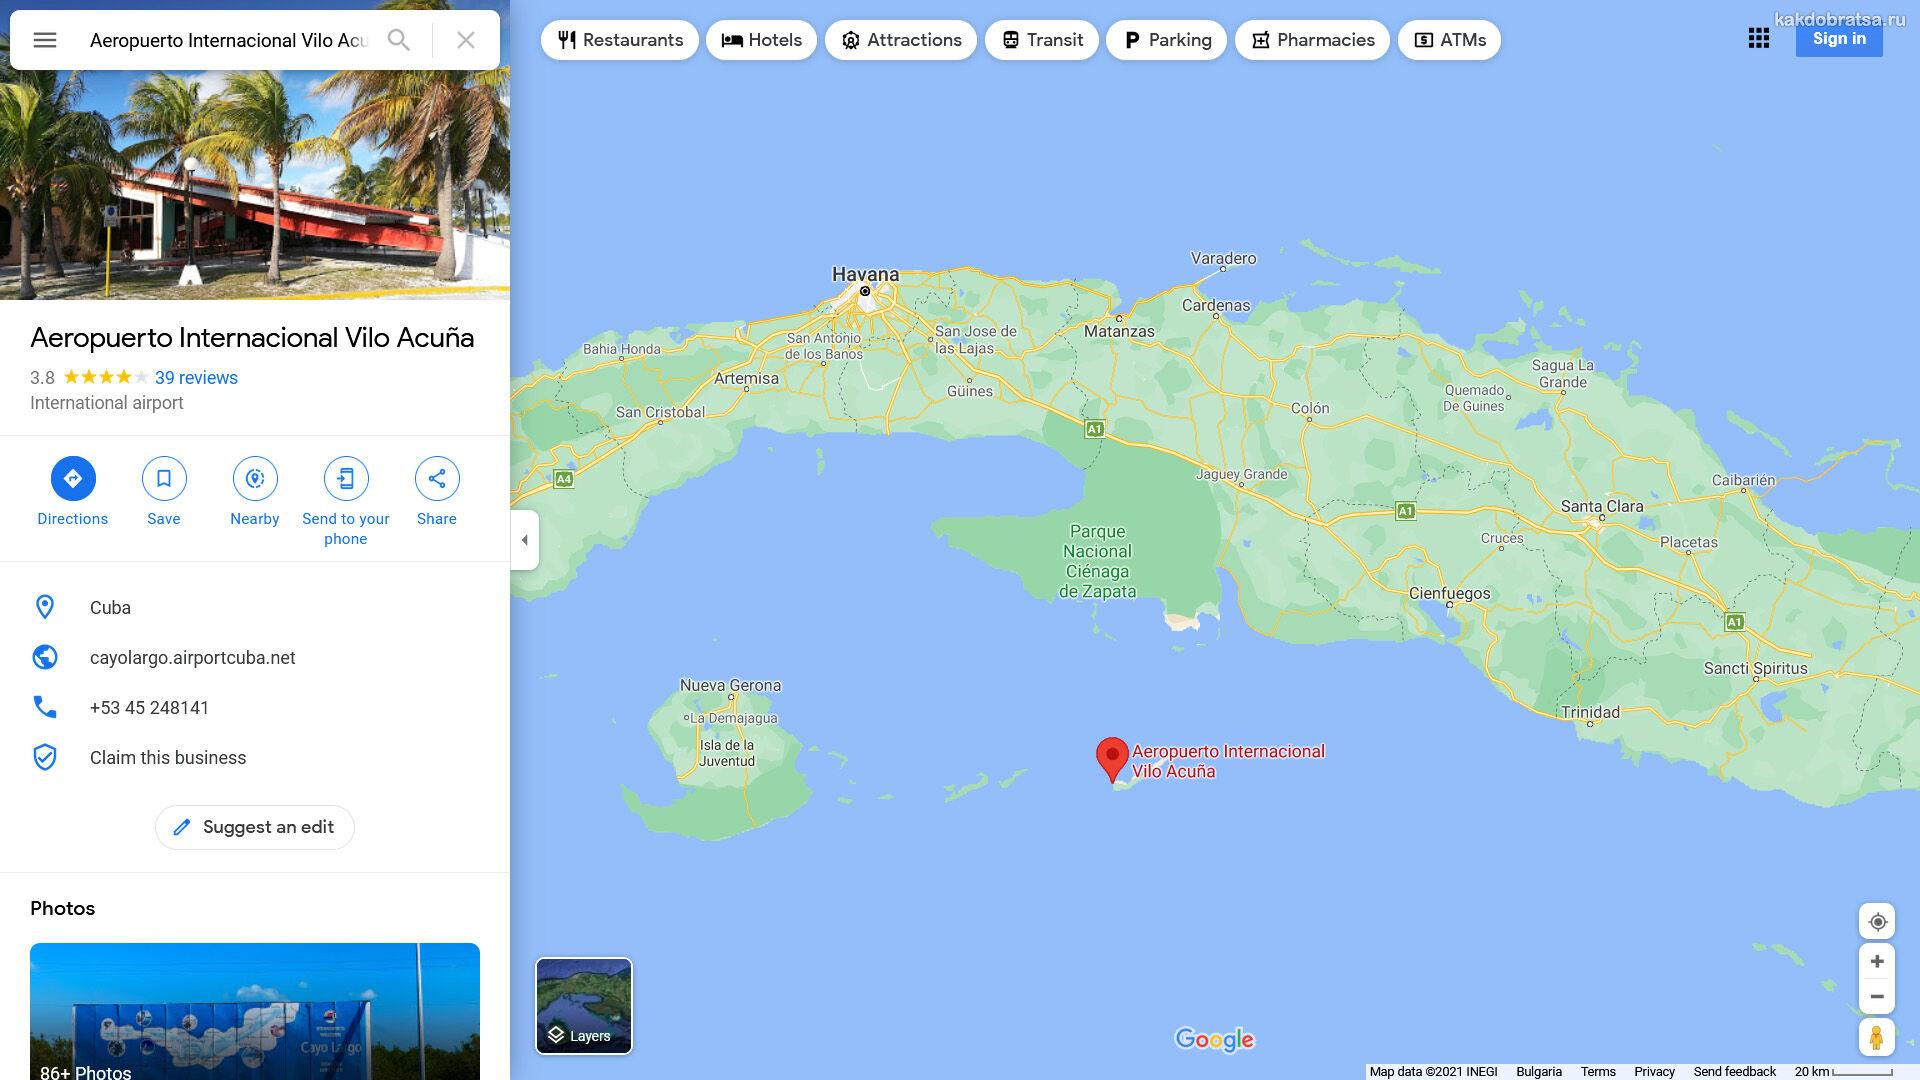 Расстояние между островом Кайо Ларго и Кубой